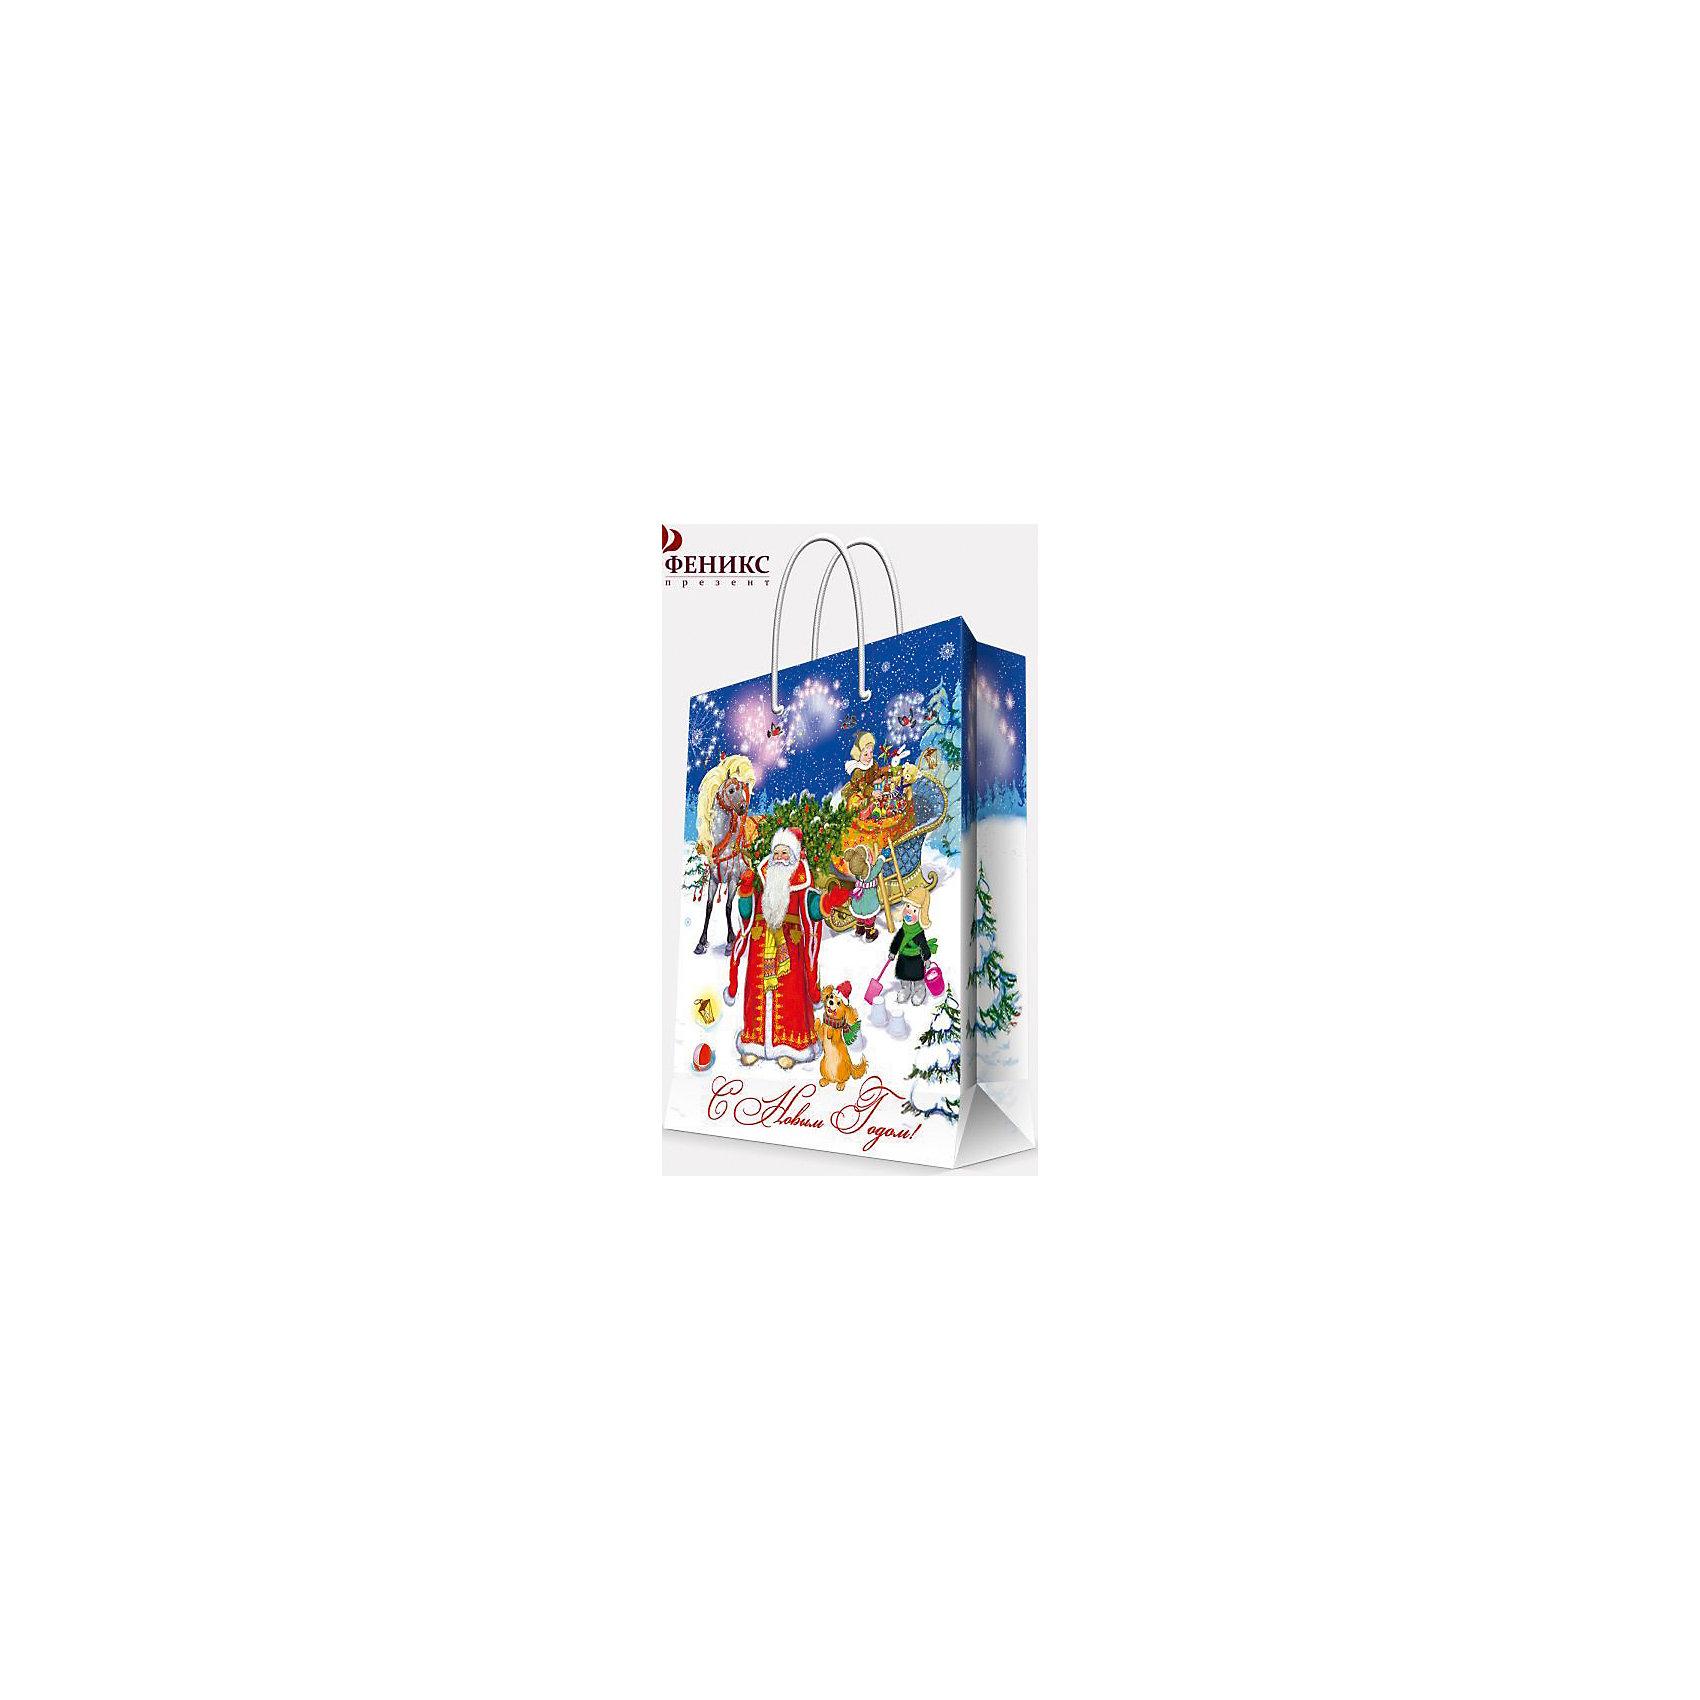 Подарочный пакет Дед Мороз с елкой 17,8*22,9*9,8 смПриближение Нового года не может не радовать! Праздничное настроение создает украшенный дом, наряженная ёлка, запах мандаринов, предновогодняя суета и, конечно же, подарки! Чтобы сделать момент вручения приятнее, нужен красивый подарочный пакет.<br>Этот пакет украшен симпатичным универсальным рисунком, поэтому в него можно упаковать подарок и родственнику, и коллеге. Он сделан из безопасного для детей, прочного, но легкого, материала. Создайте с ним праздничное настроение себе и близким!<br><br>Дополнительная информация:<br><br>плотность бумаги: 140 г/м2;<br>размер: 18 х 23 х 10 см;<br>с ламинацией;<br>украшен рисунком.<br><br>Подарочный пакет Дед Мороз с елкой 17,8*22,9*9,8 см можно купить в нашем магазине.<br><br>Ширина мм: 178<br>Глубина мм: 229<br>Высота мм: 98<br>Вес г: 42<br>Возраст от месяцев: 36<br>Возраст до месяцев: 2147483647<br>Пол: Унисекс<br>Возраст: Детский<br>SKU: 4981571